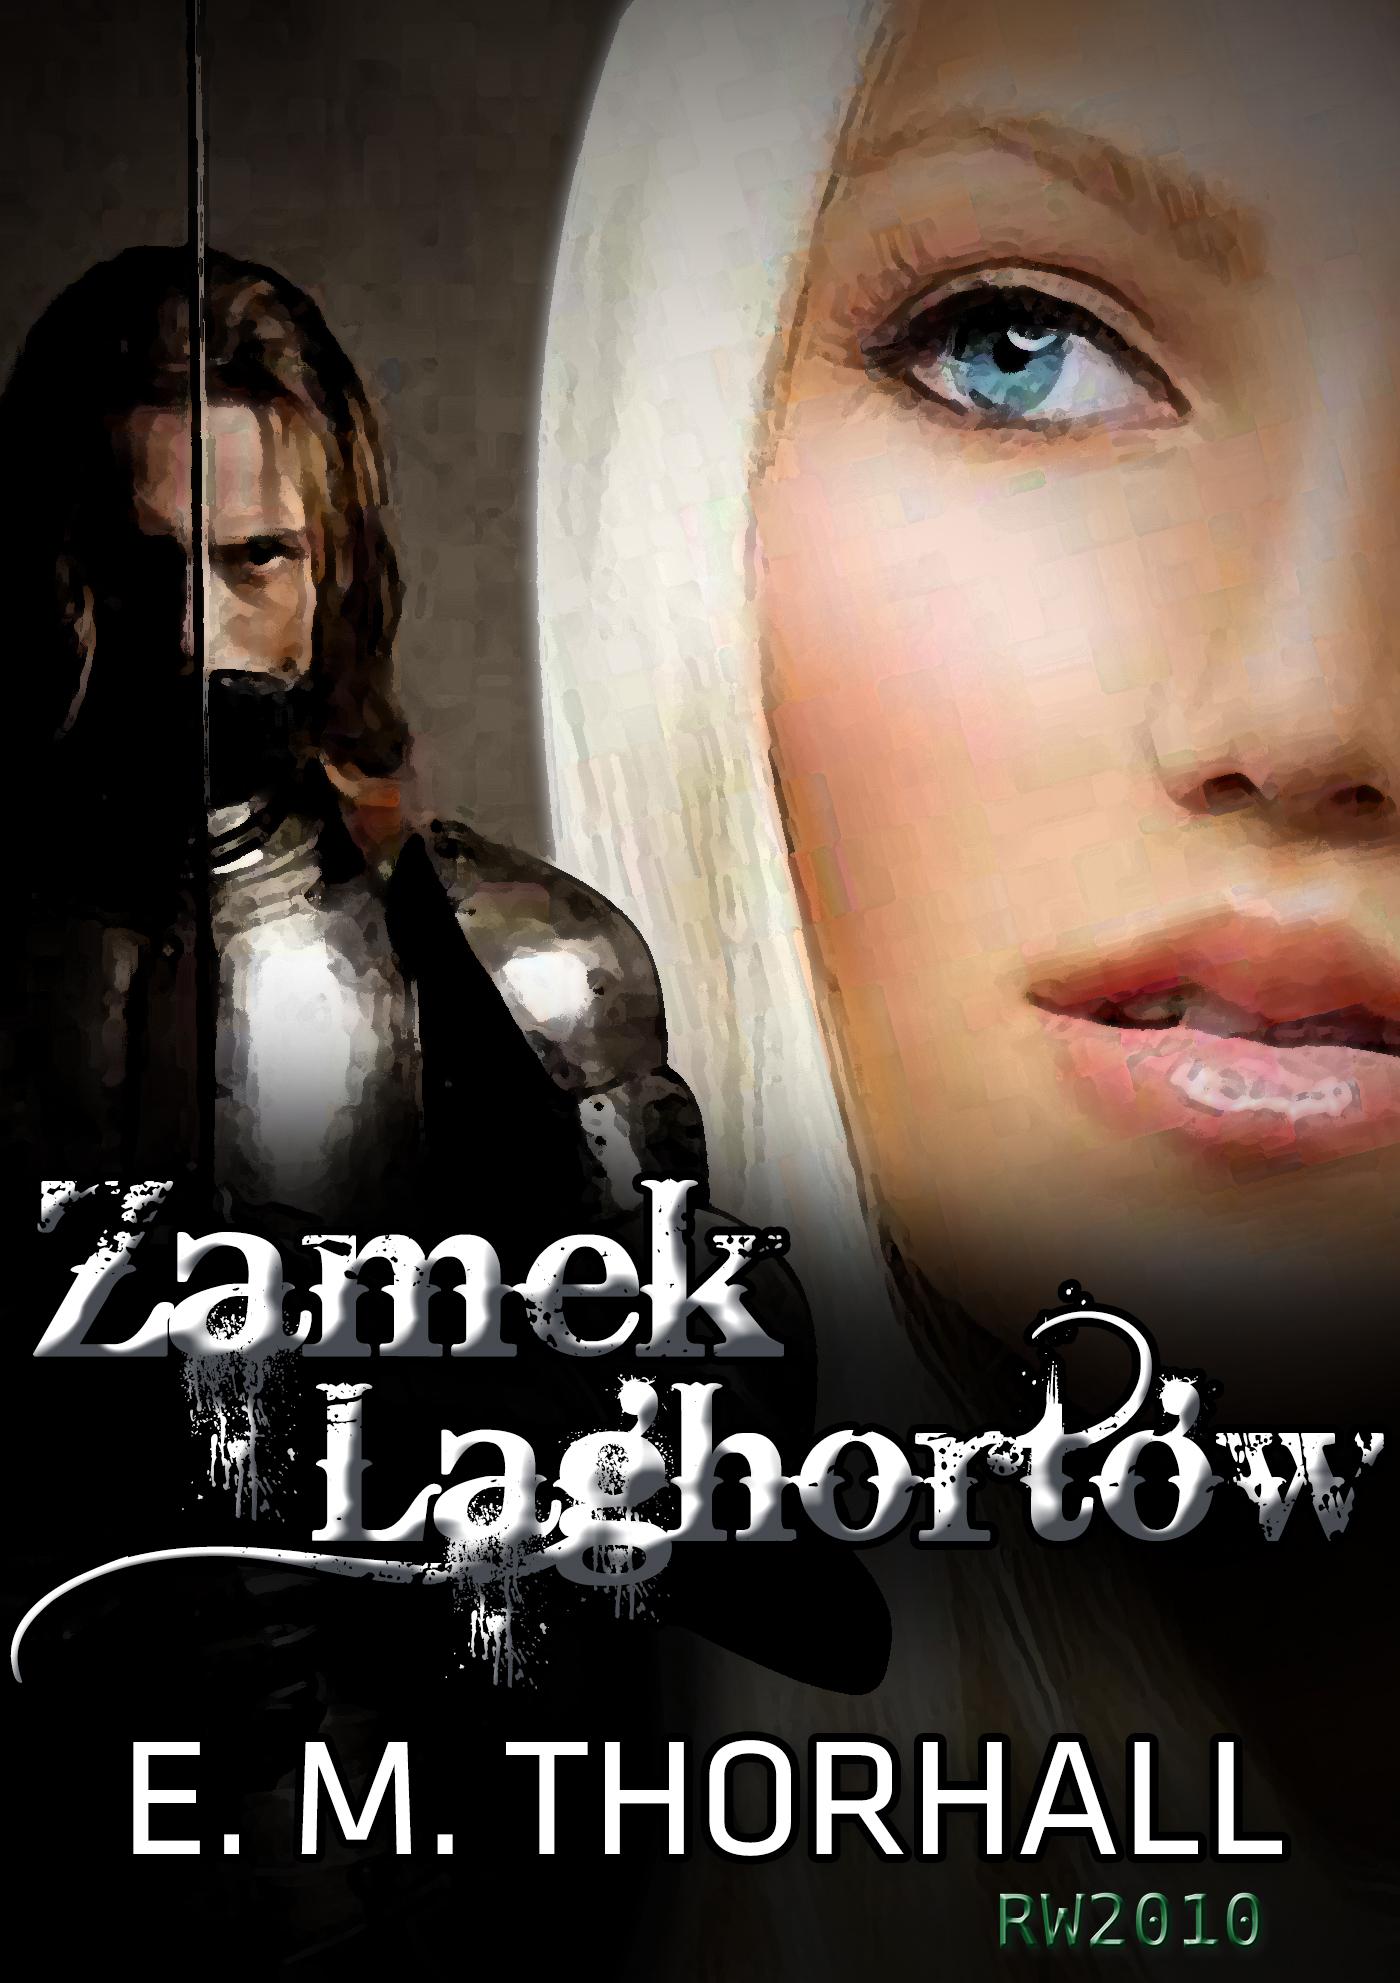 #4 Recenzja Zamek Laghotow E.M.Thorhall